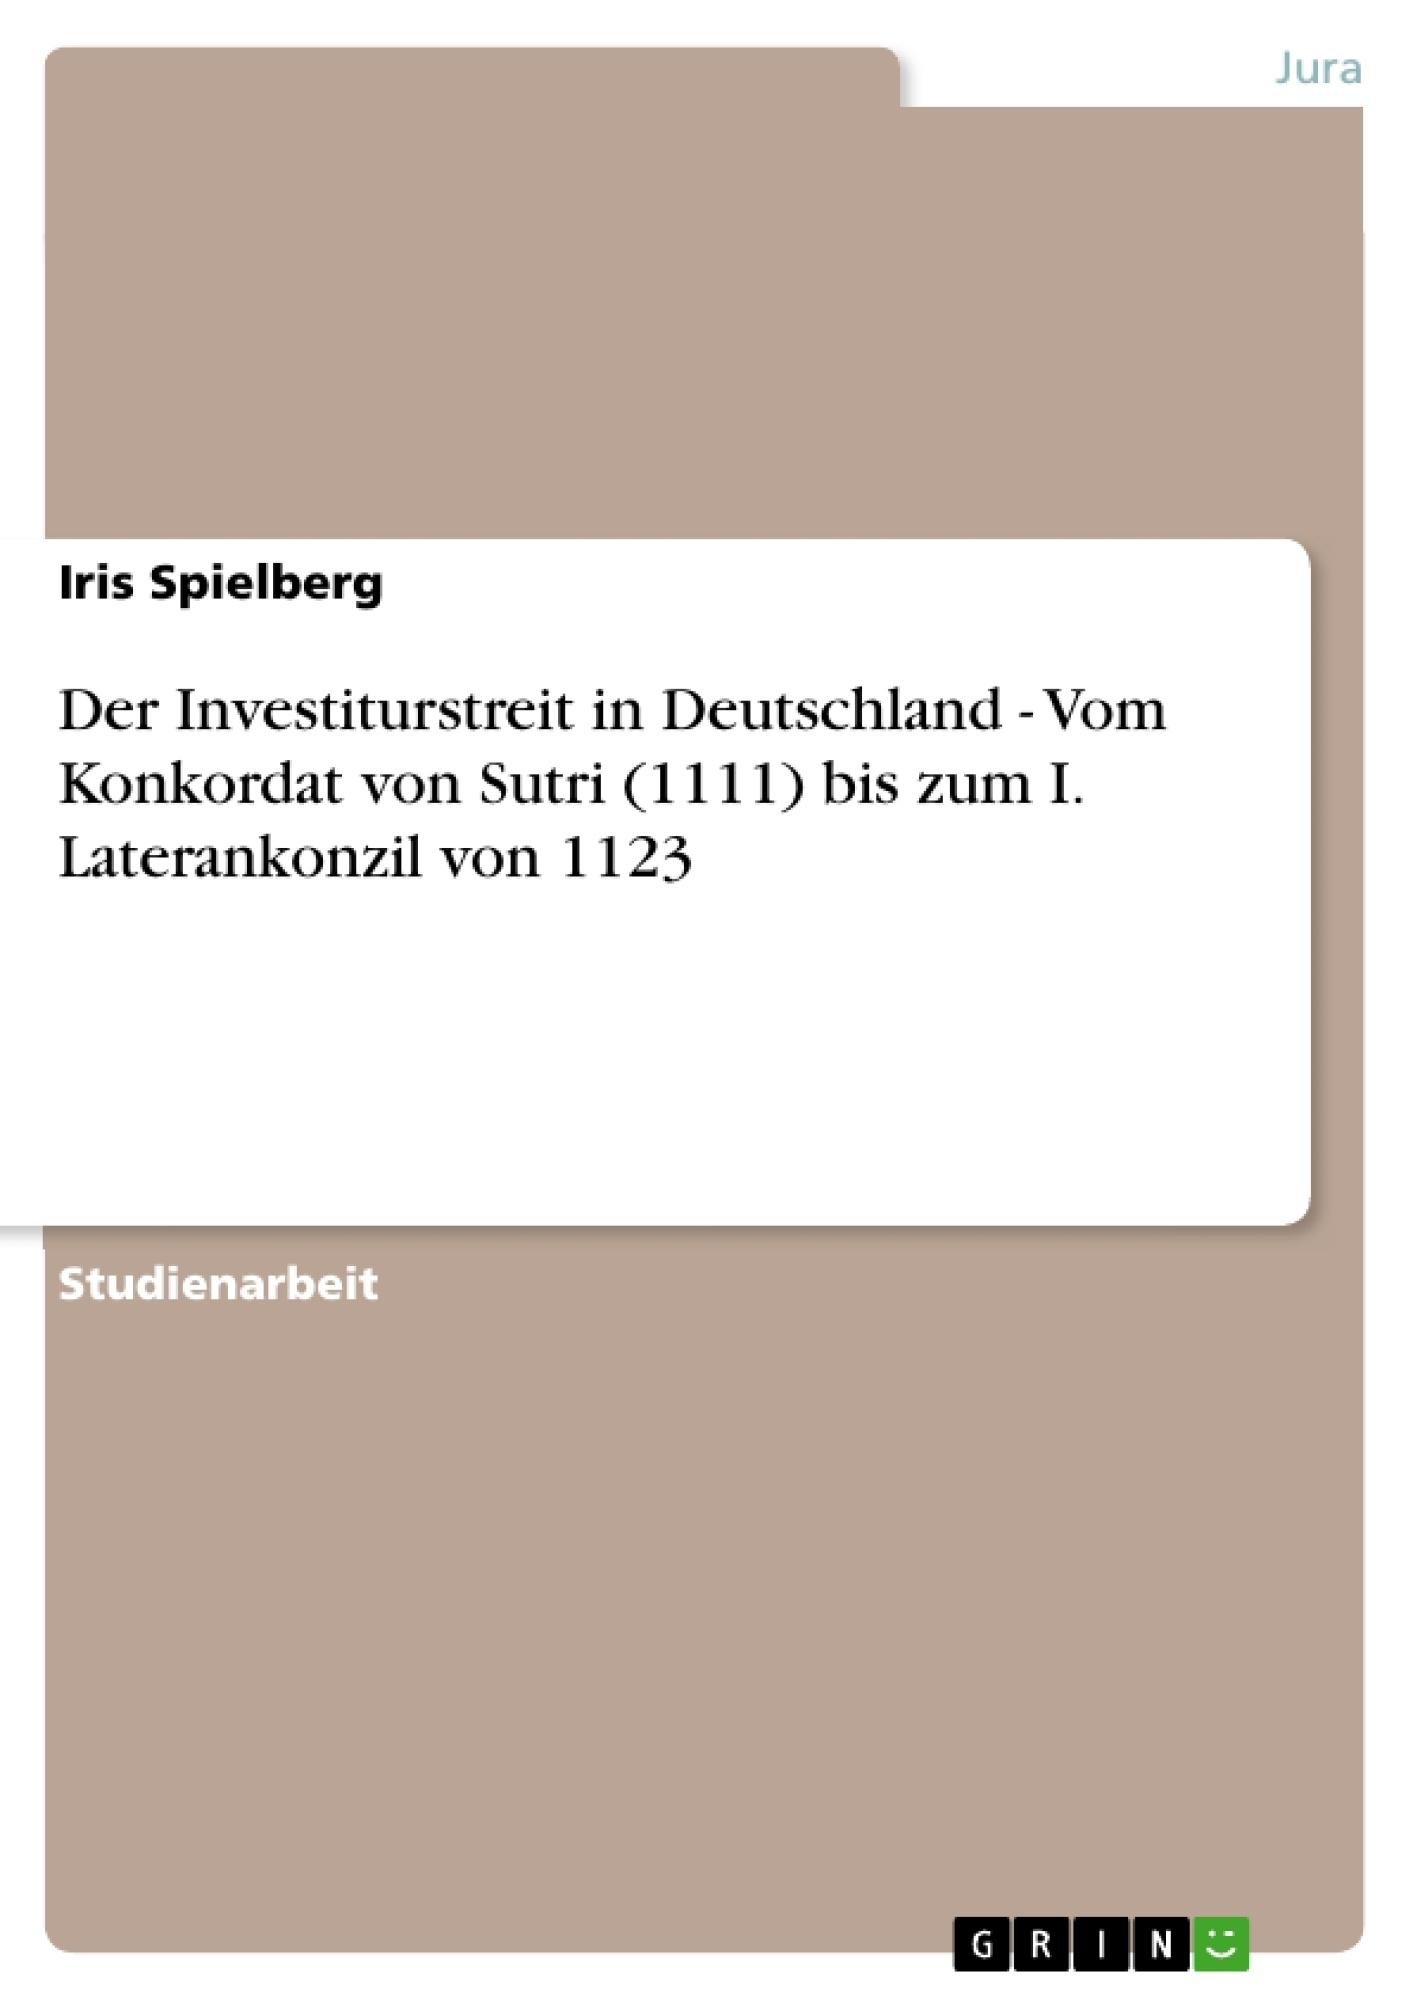 Titel: Der Investiturstreit in Deutschland - Vom Konkordat von Sutri (1111) bis zum I. Laterankonzil von 1123